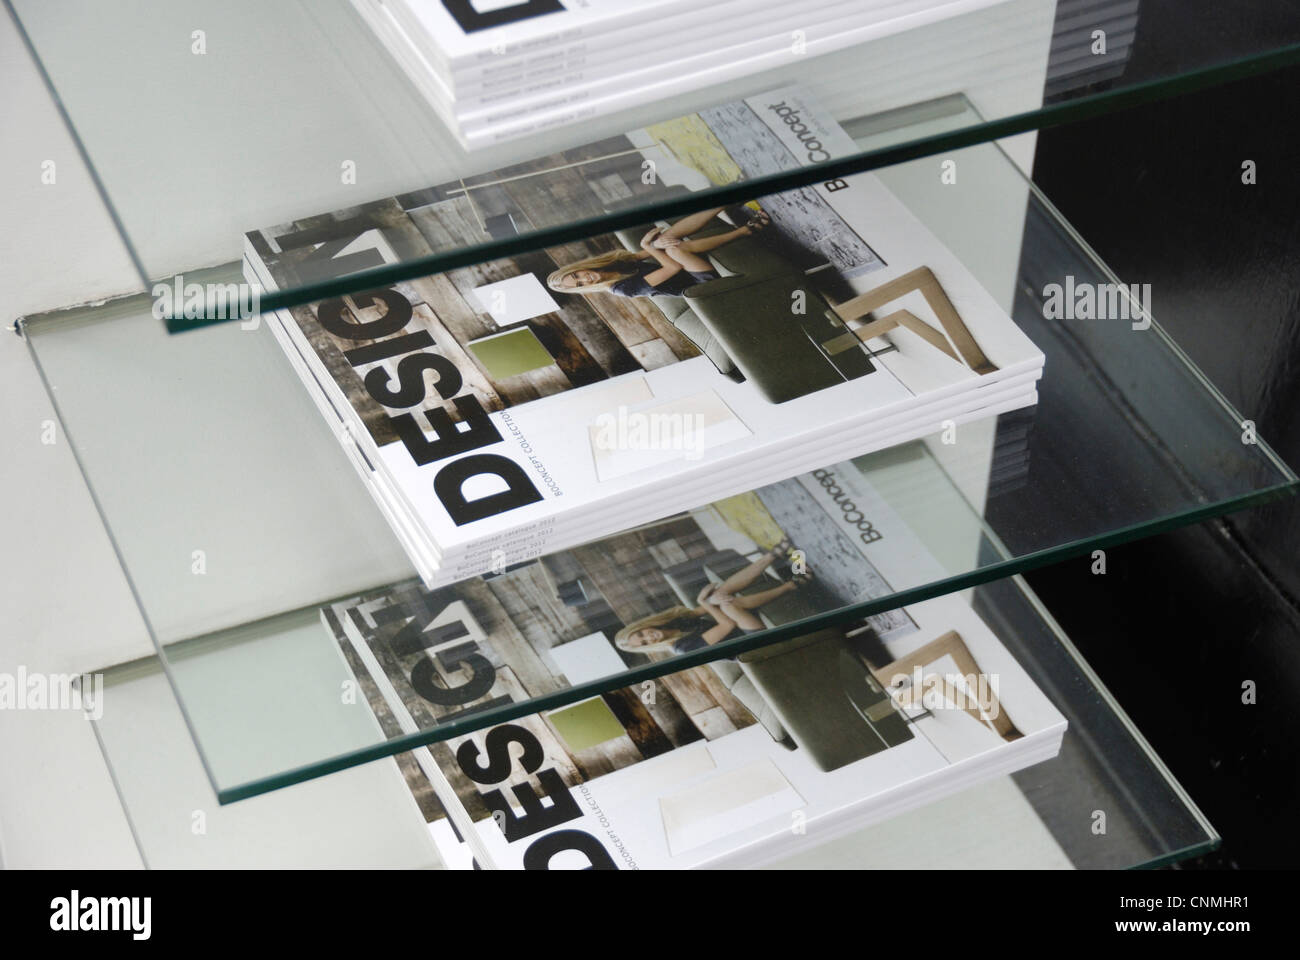 Copies Of BoConcept Interior Design Magazine